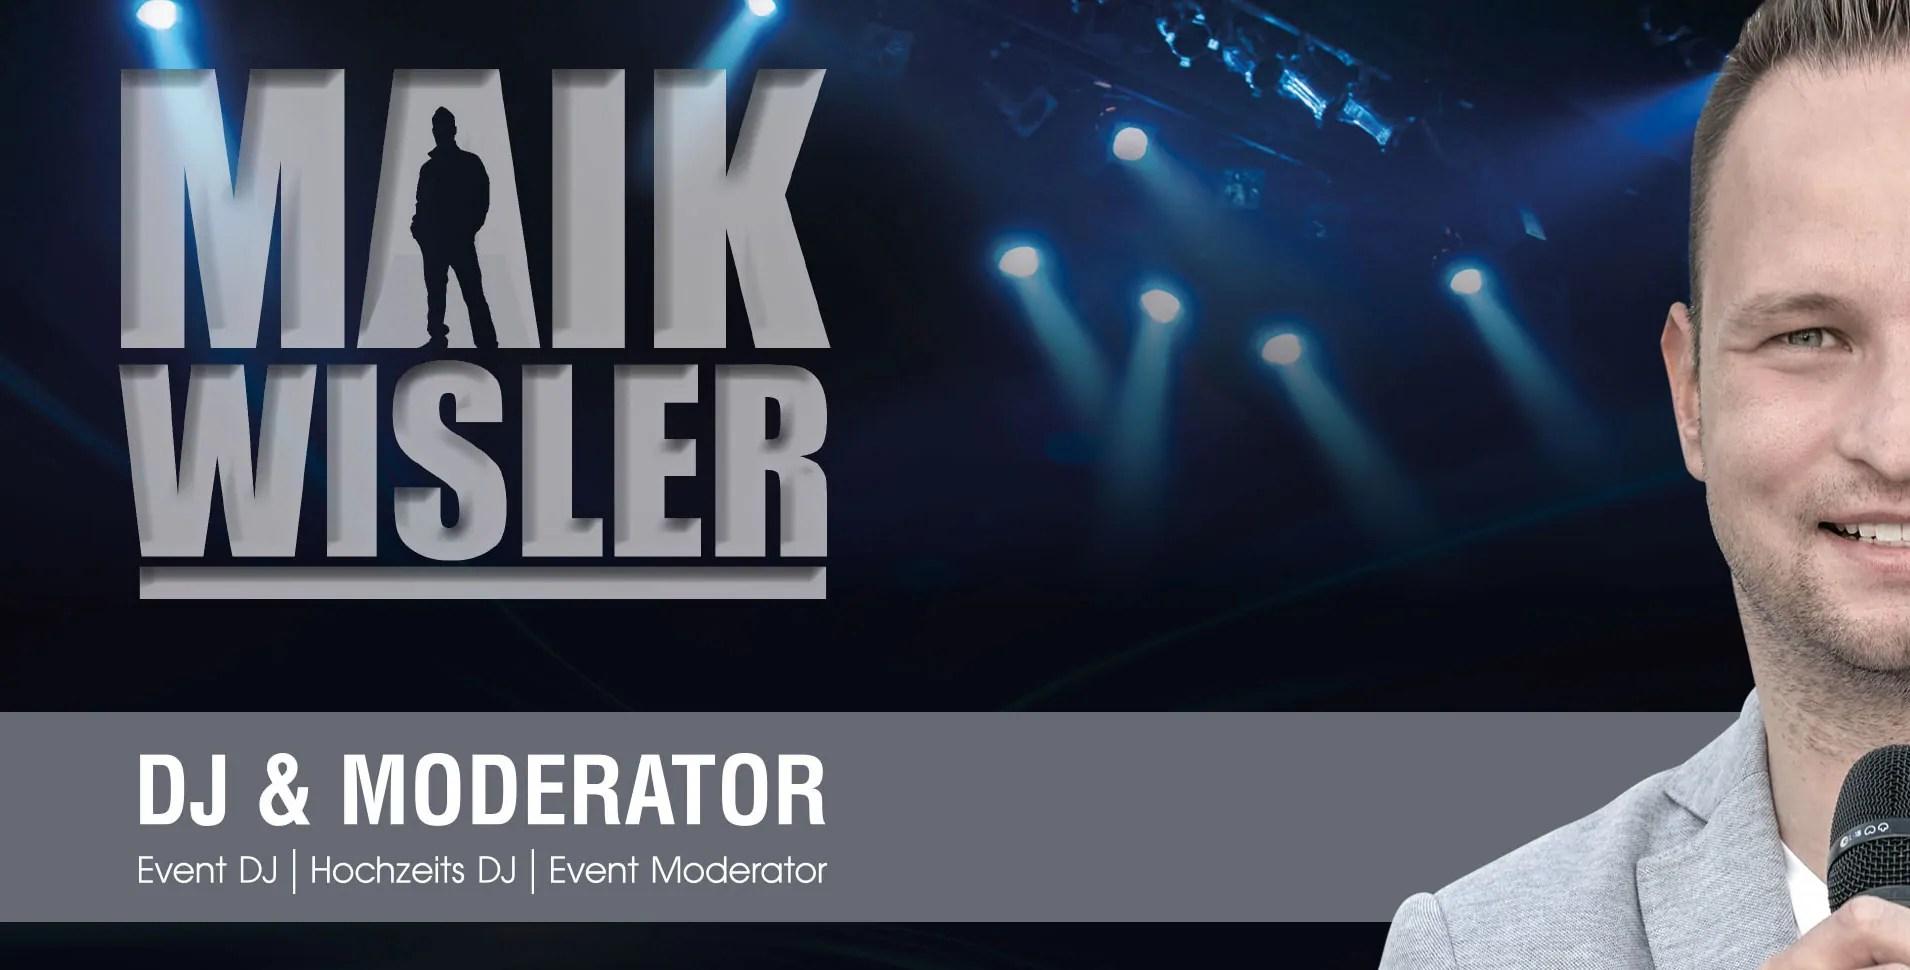 DJ Maik Wisler, Event, Hochzeit, Party